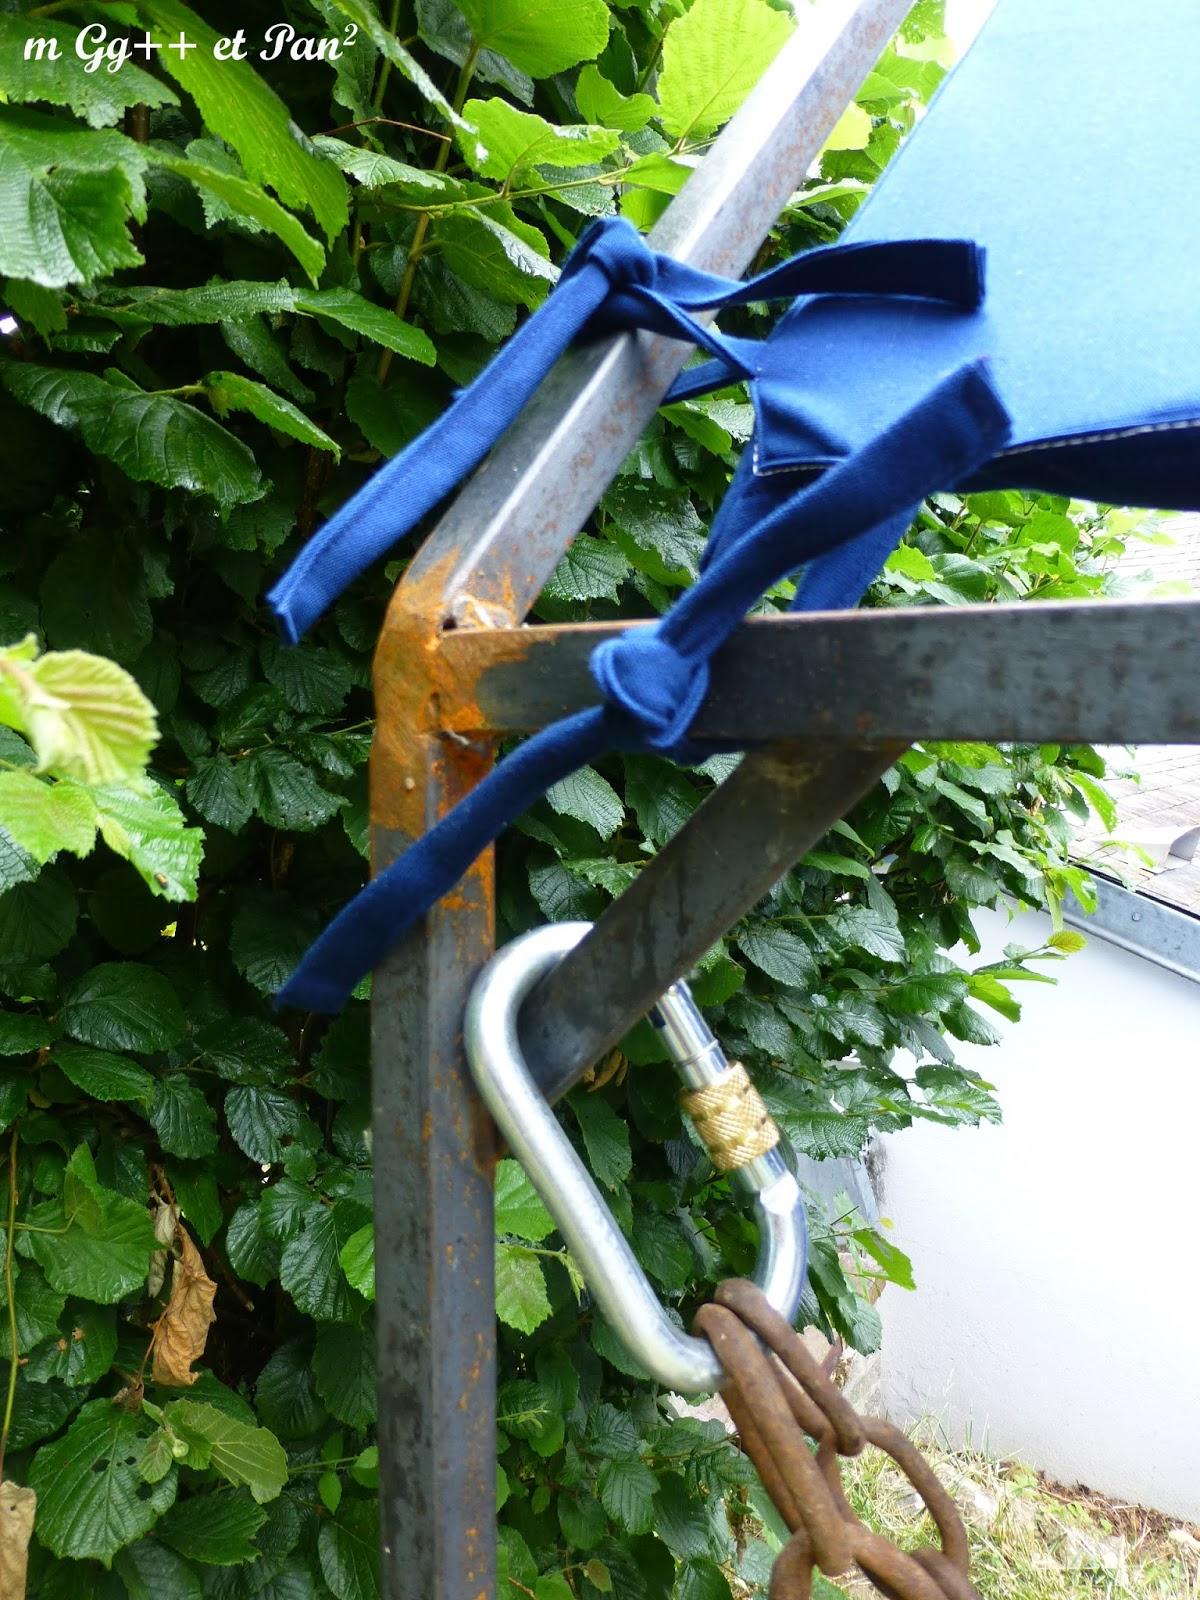 M gg notre cabane de jardin multifonction - Cabane de jardin fait maison saint paul ...